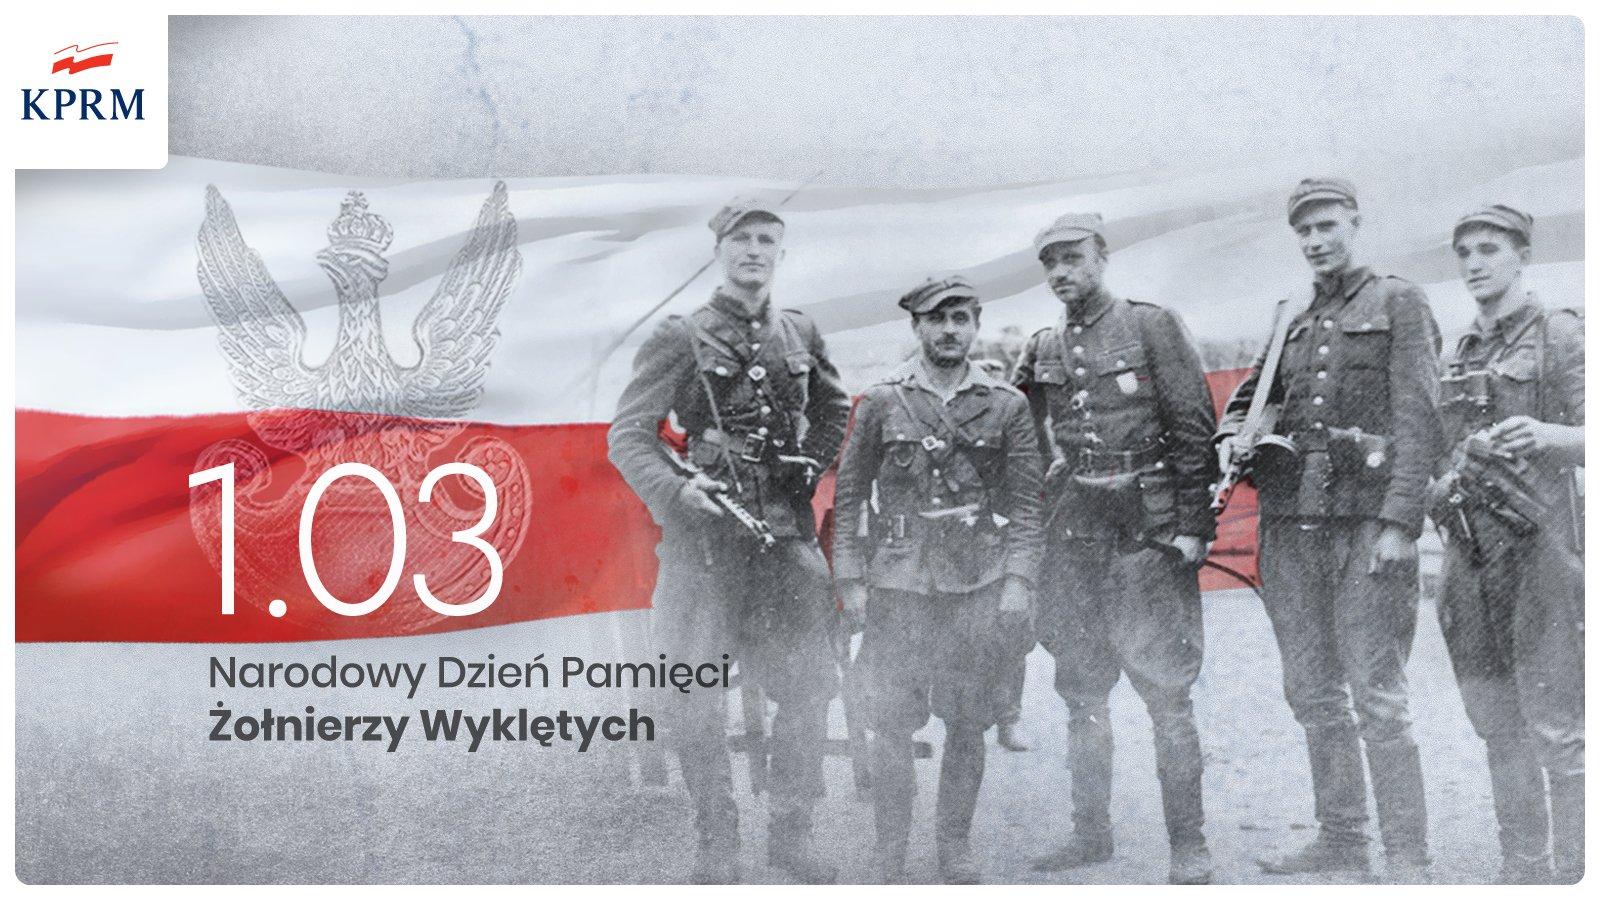 1 03 NDZW 1 marca   Narodowy Dzień Pamięci Żołnierzy Wyklętych< />Cześć i chwała Bohaterom!